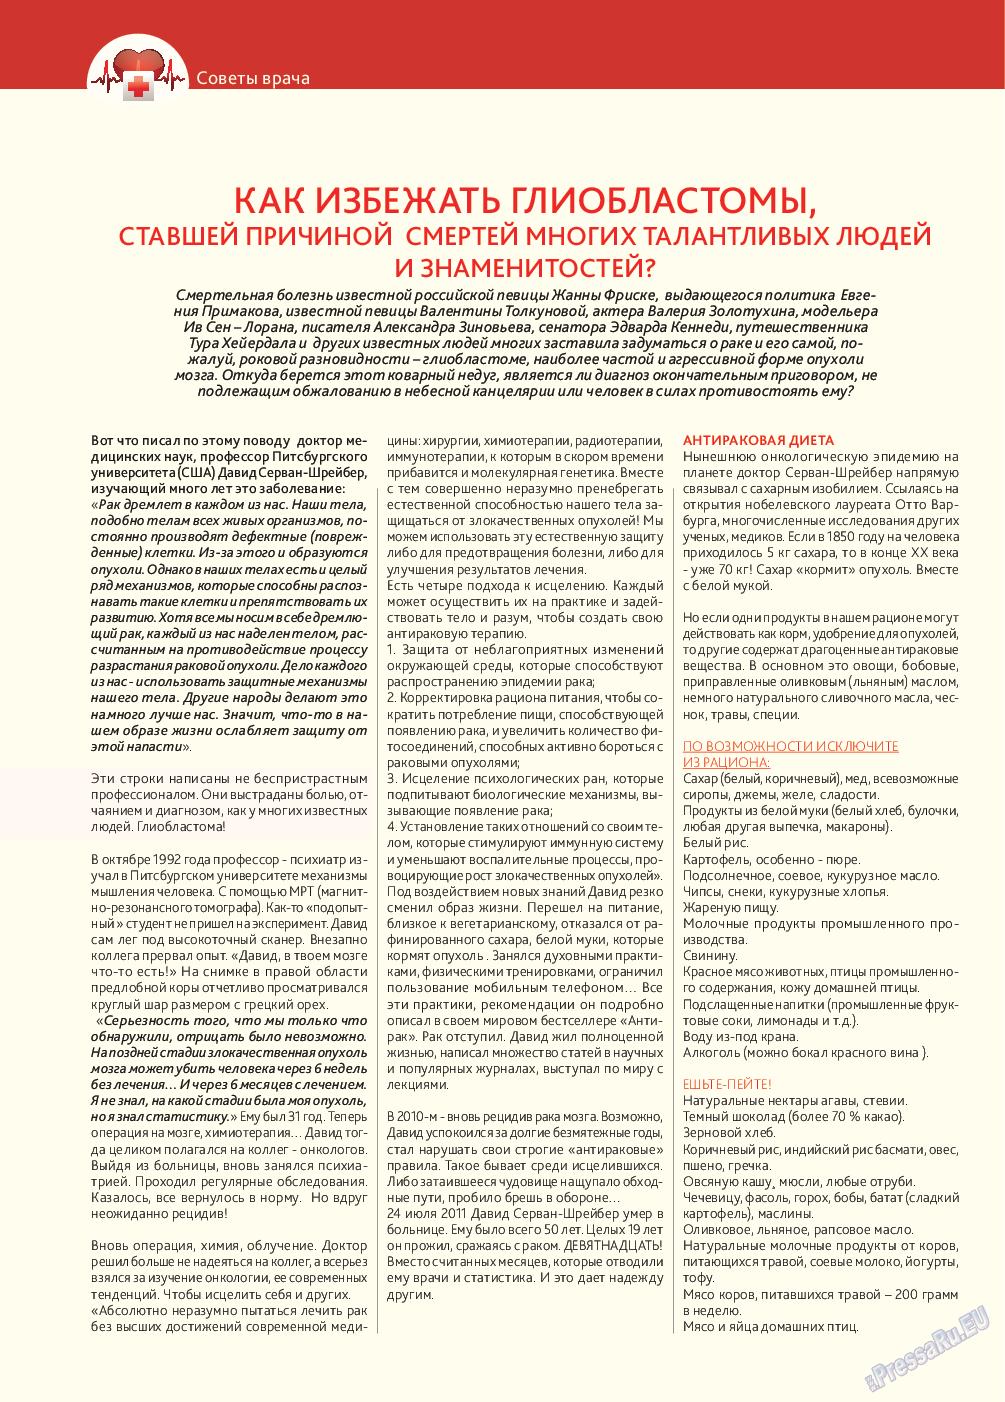 Афиша Augsburg (журнал). 2015 год, номер 8, стр. 10